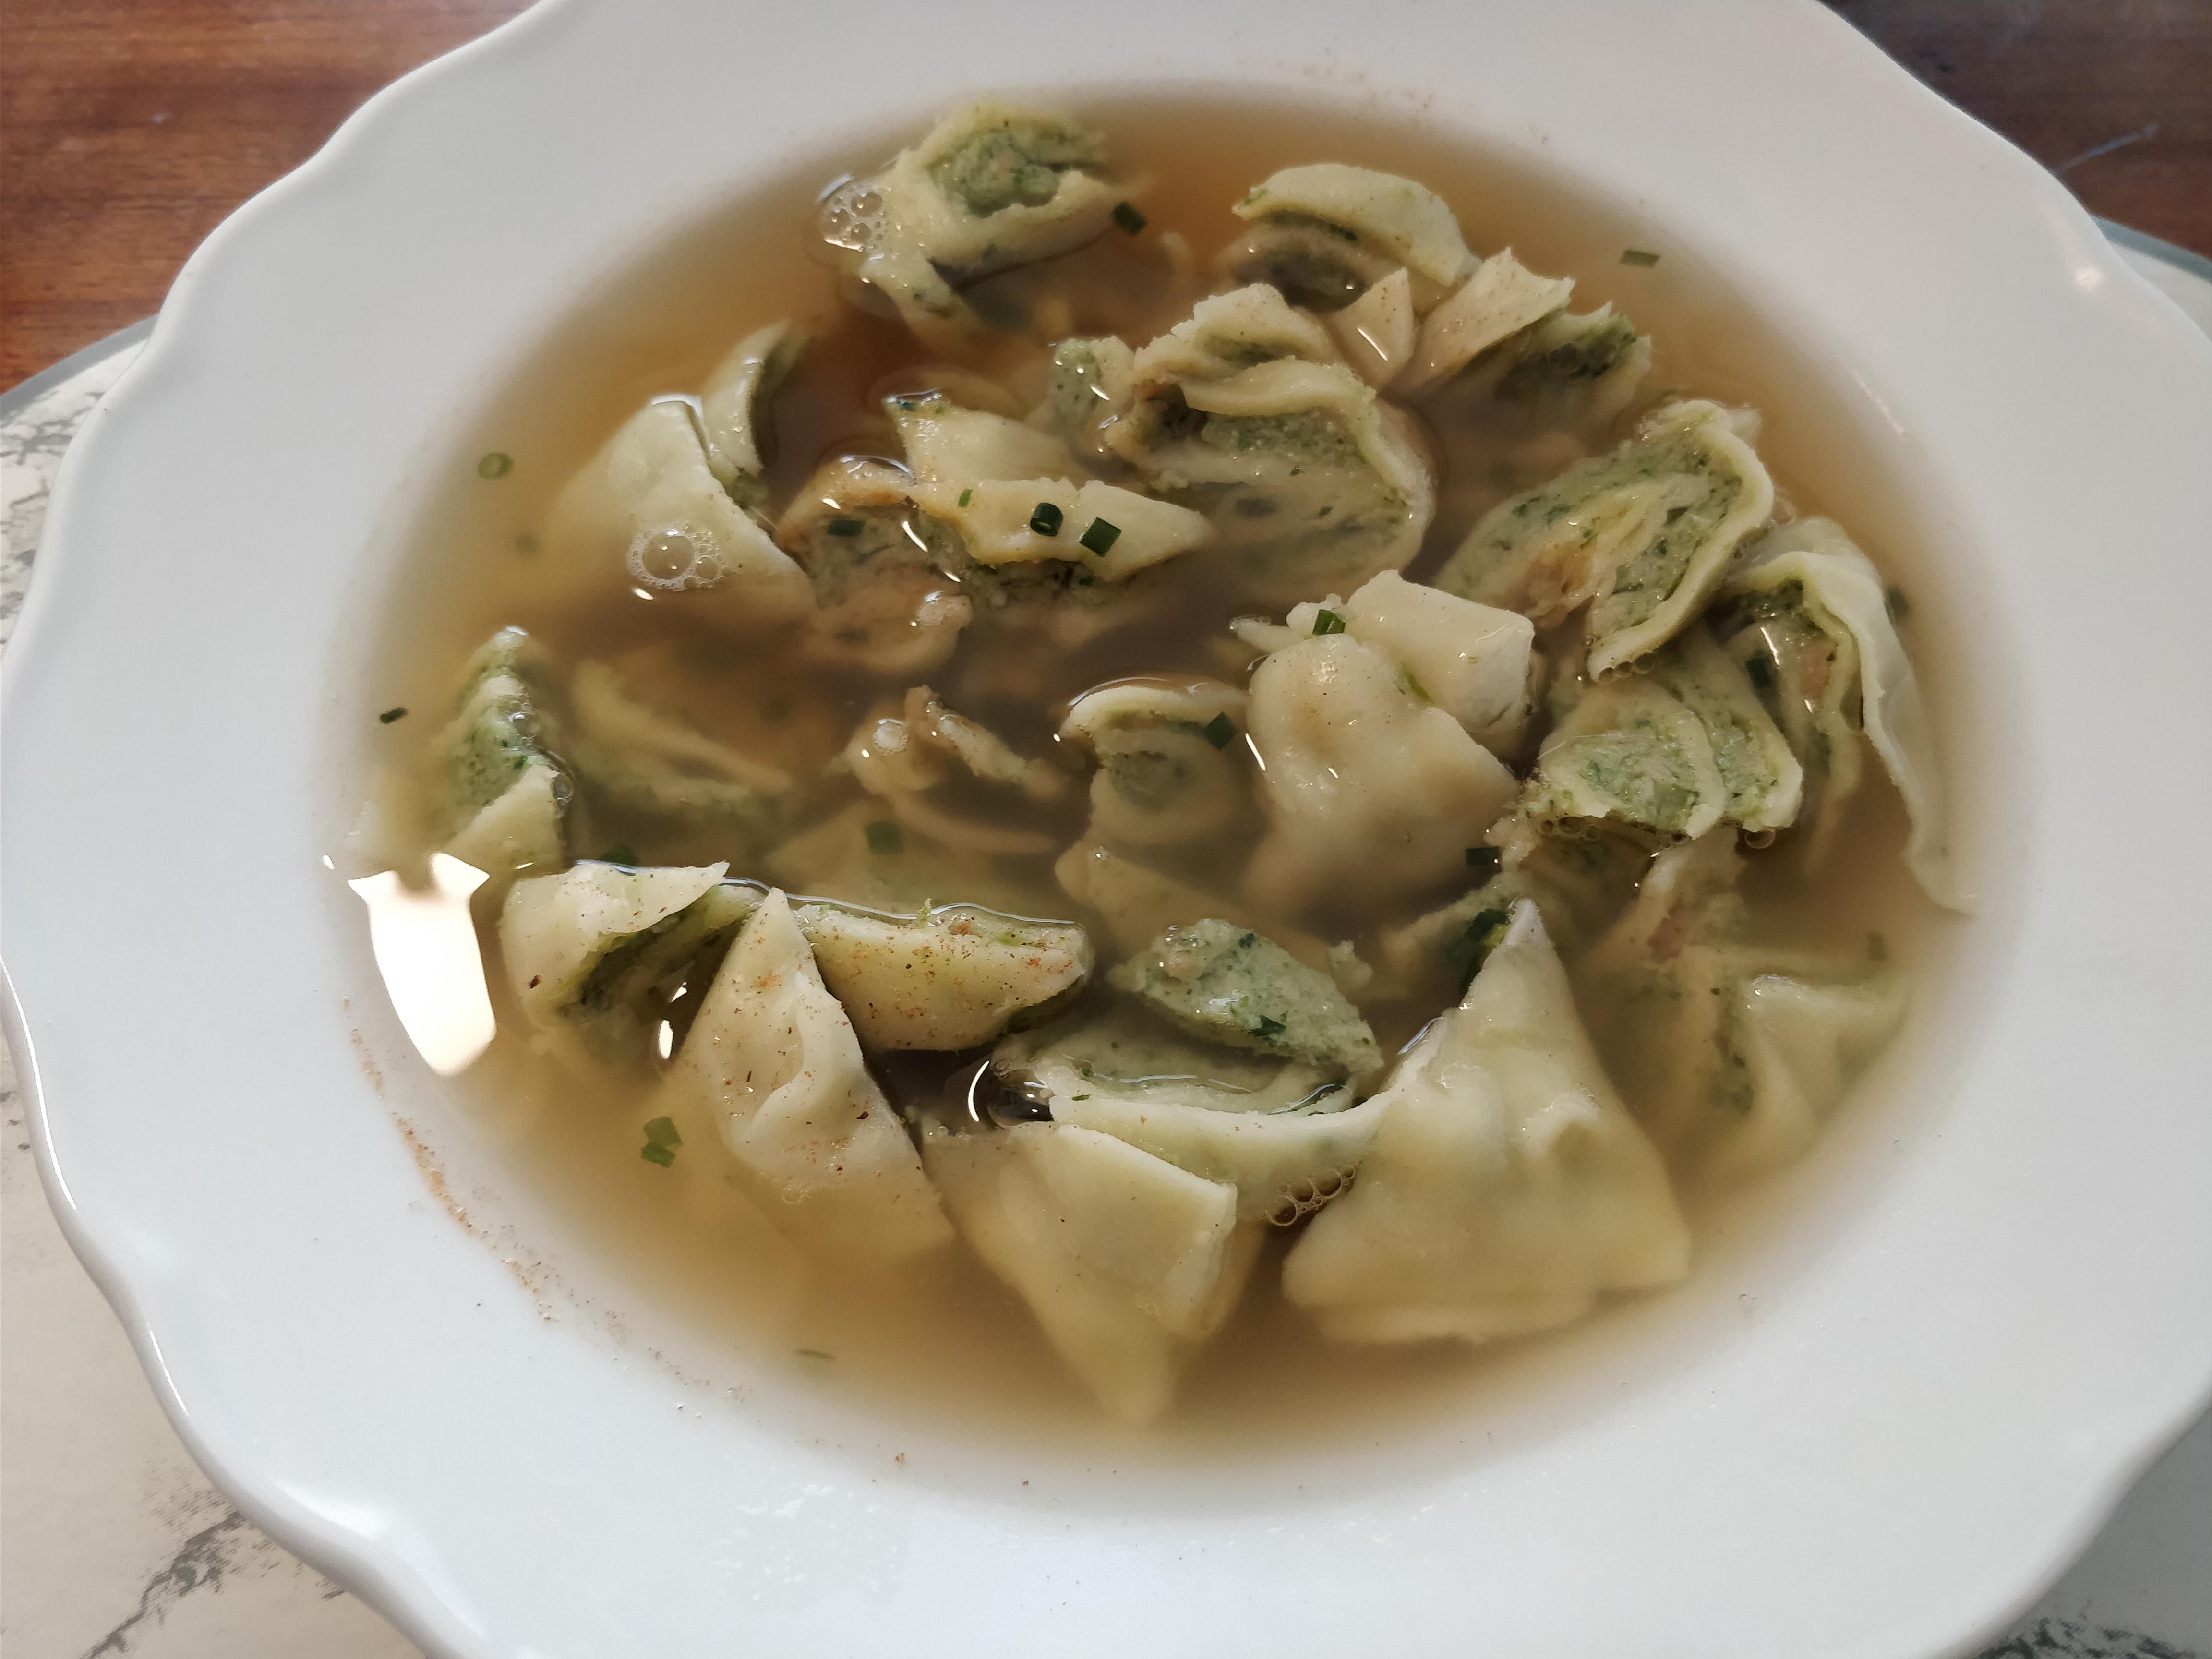 https://foodloader.net/nico_2017-10-31_maultaschen-in-der-bruehe.jpg